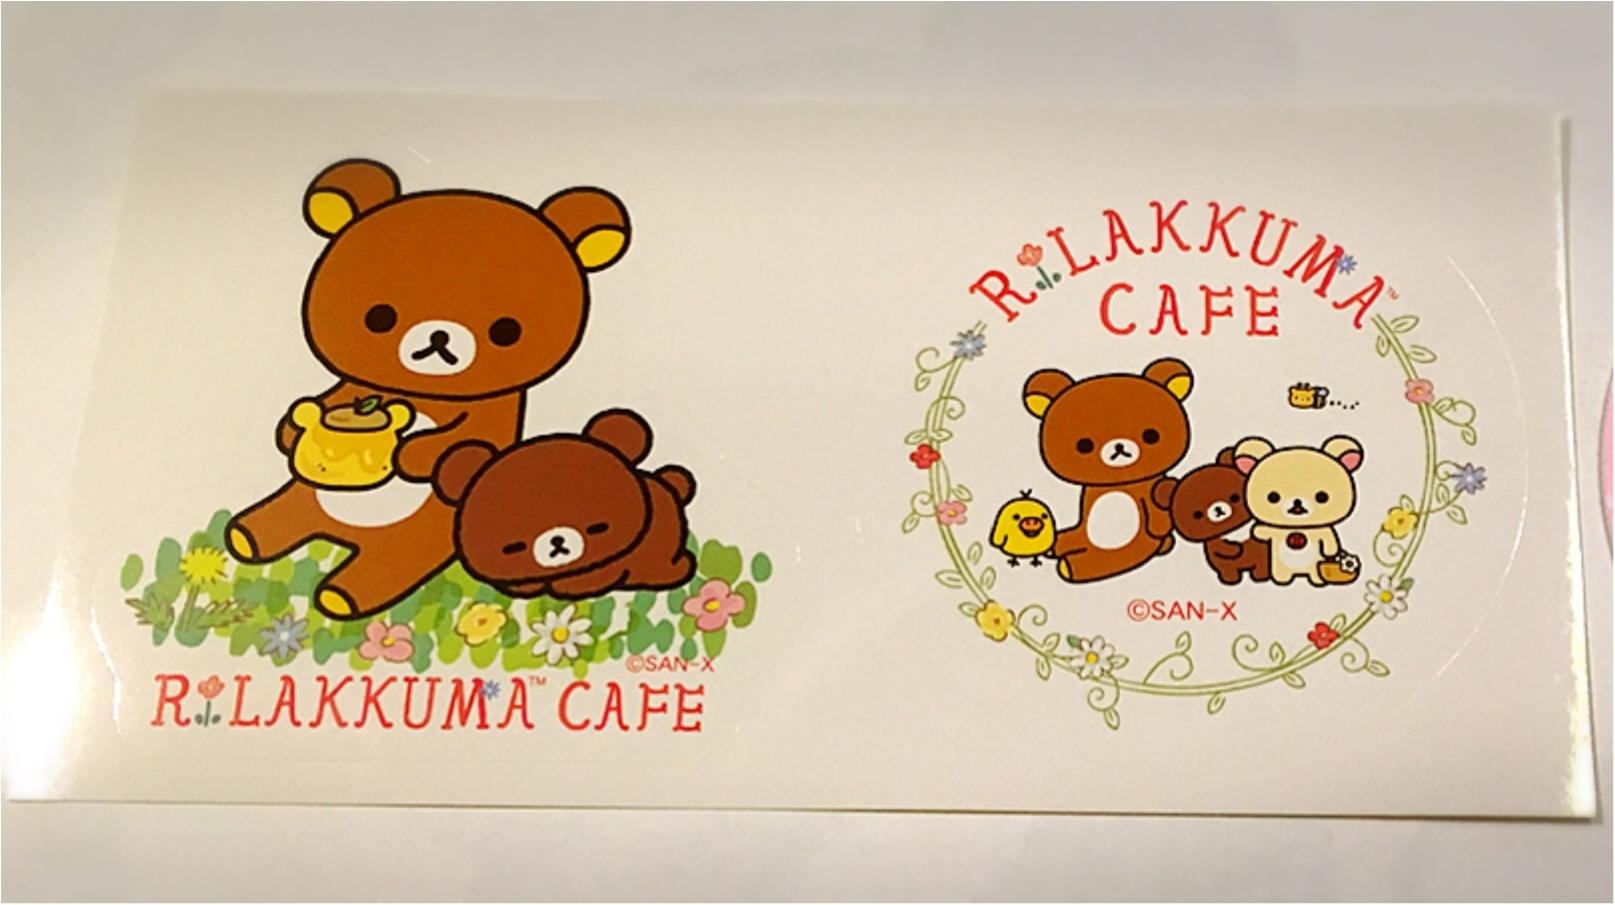 もう予約した?大阪に上陸したリラックマカフェがかわいすぎっ♡byみそ_9